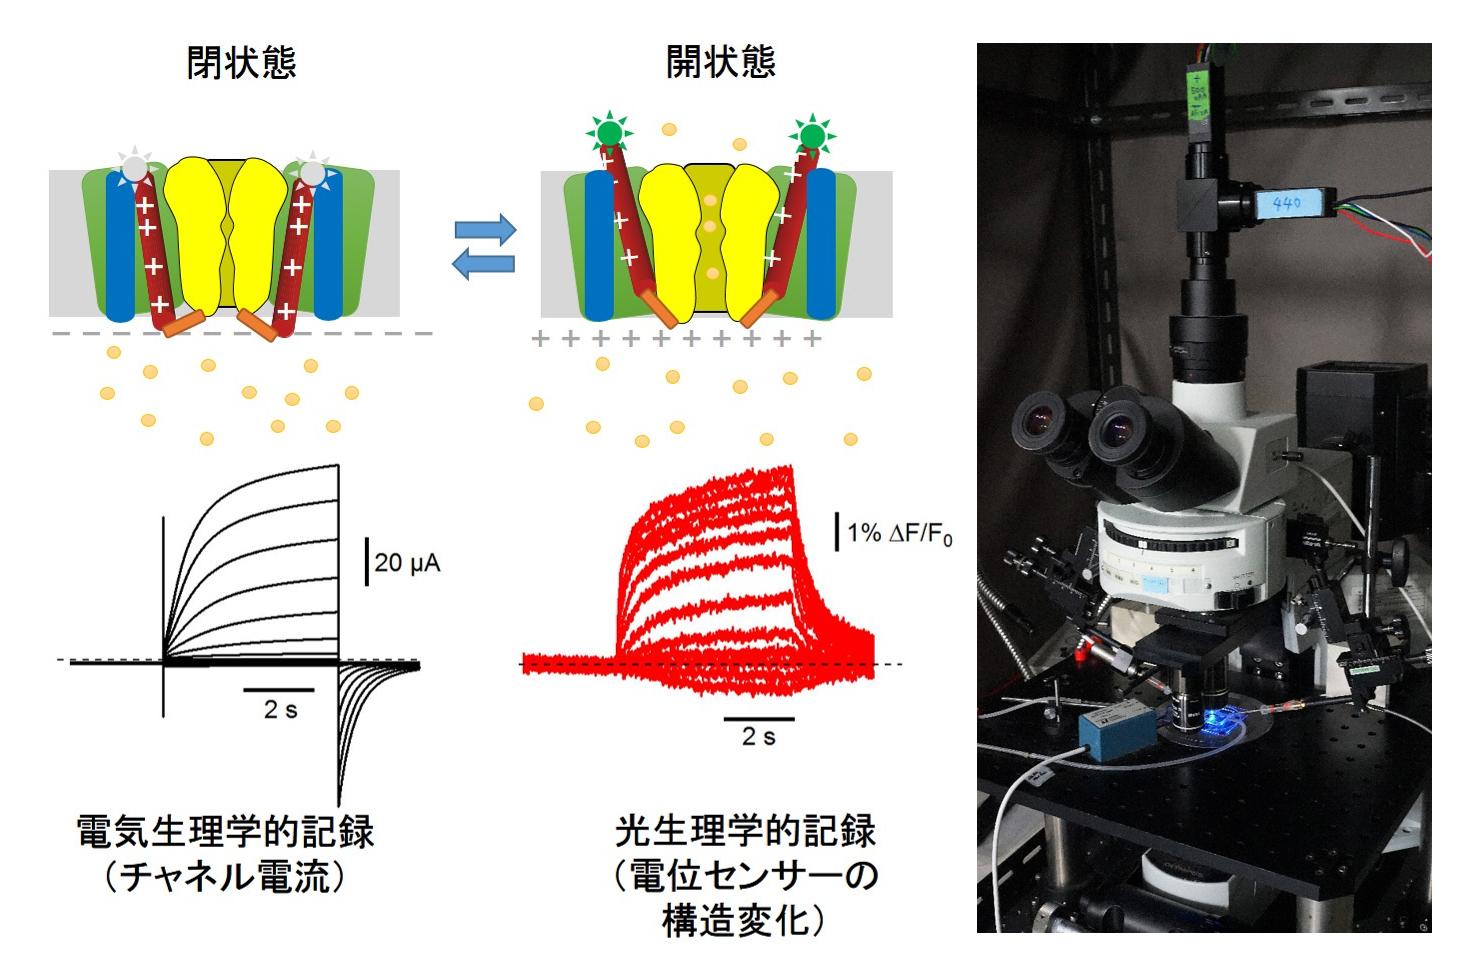 kubo2019_jpn.jpg